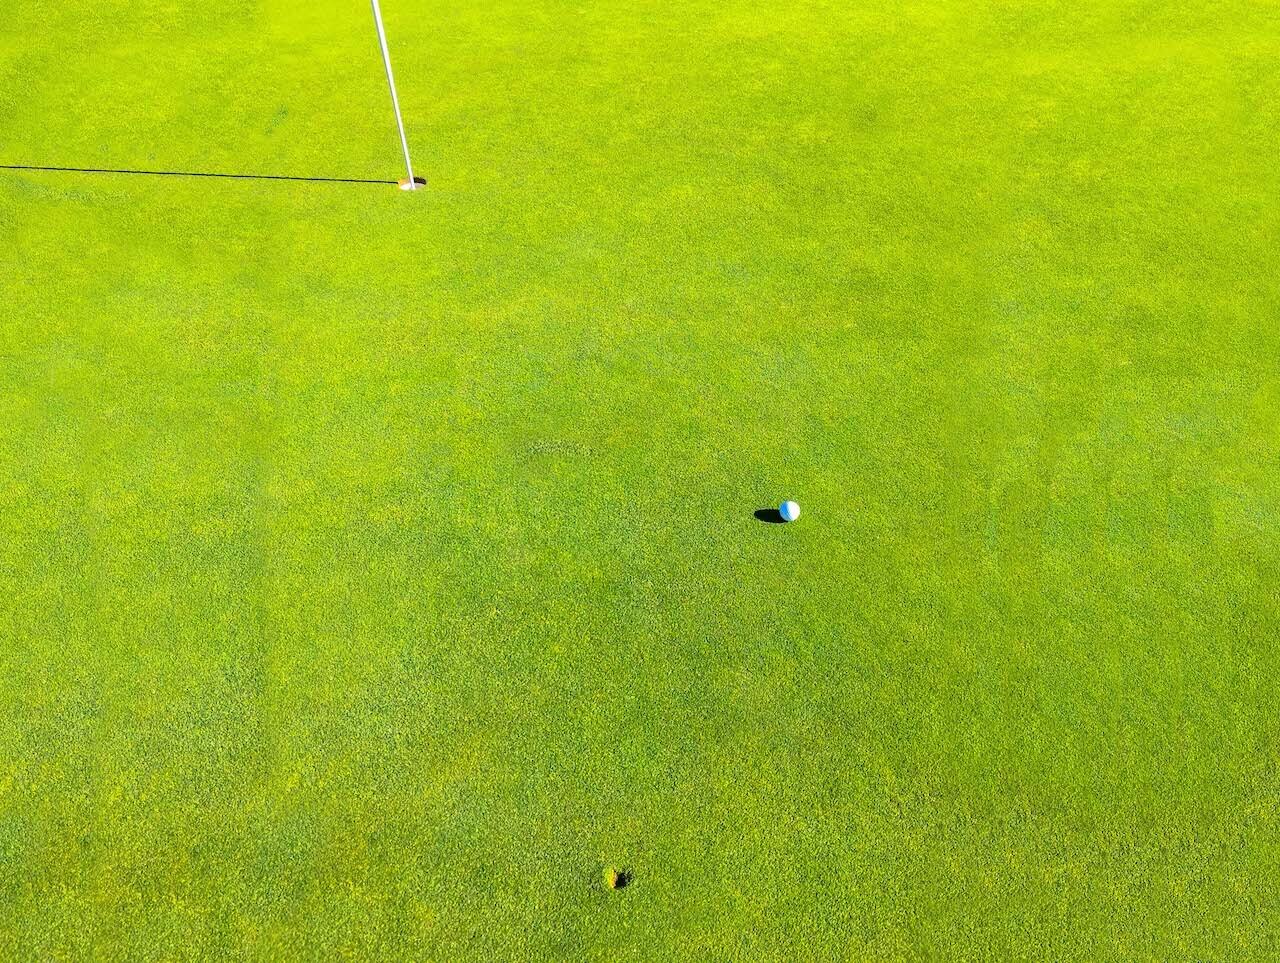 divot from golf ball near hole